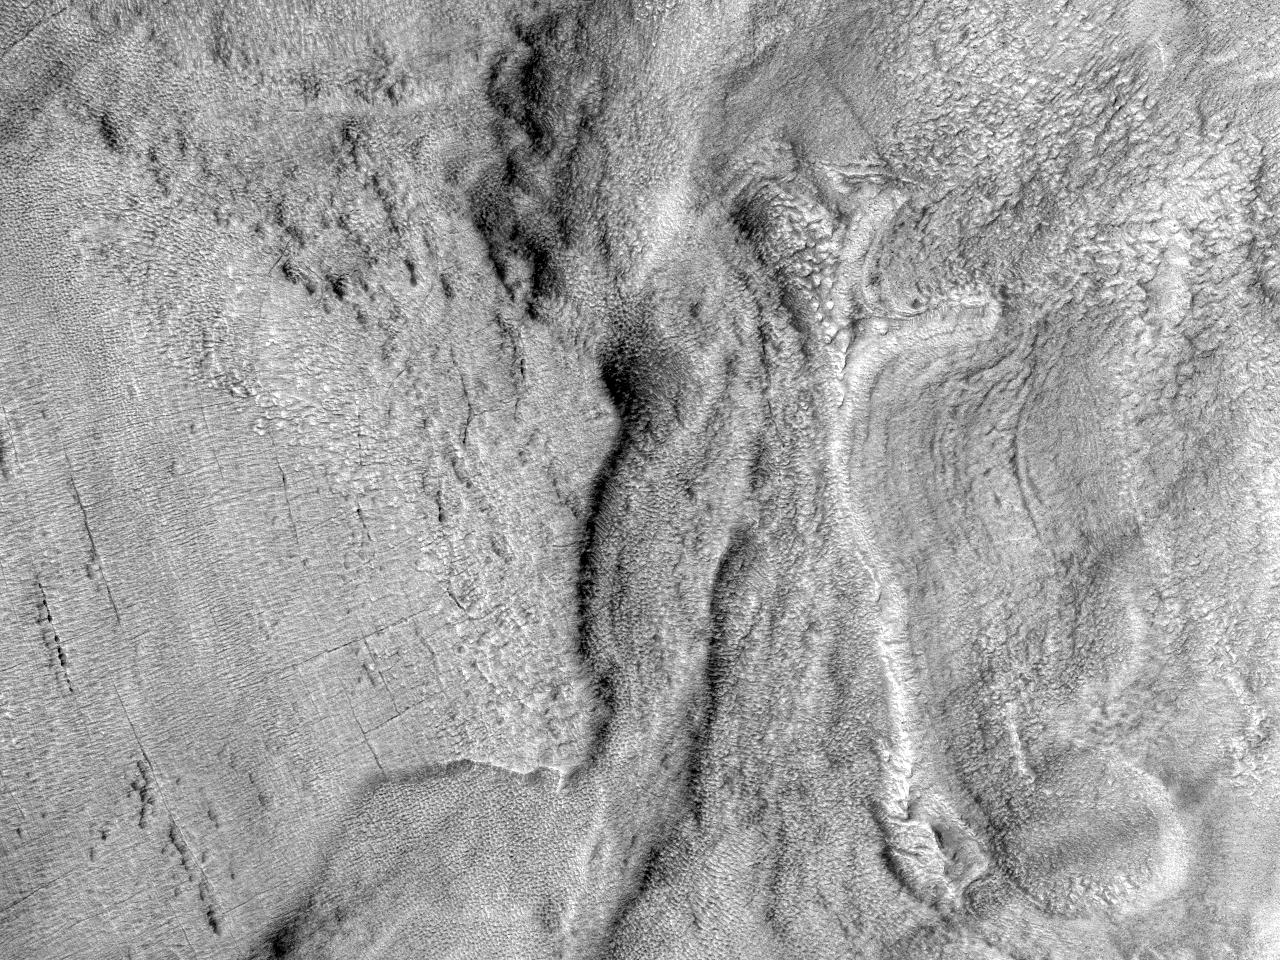 Lag i et krater i nordvestre del av Hellas Planitia